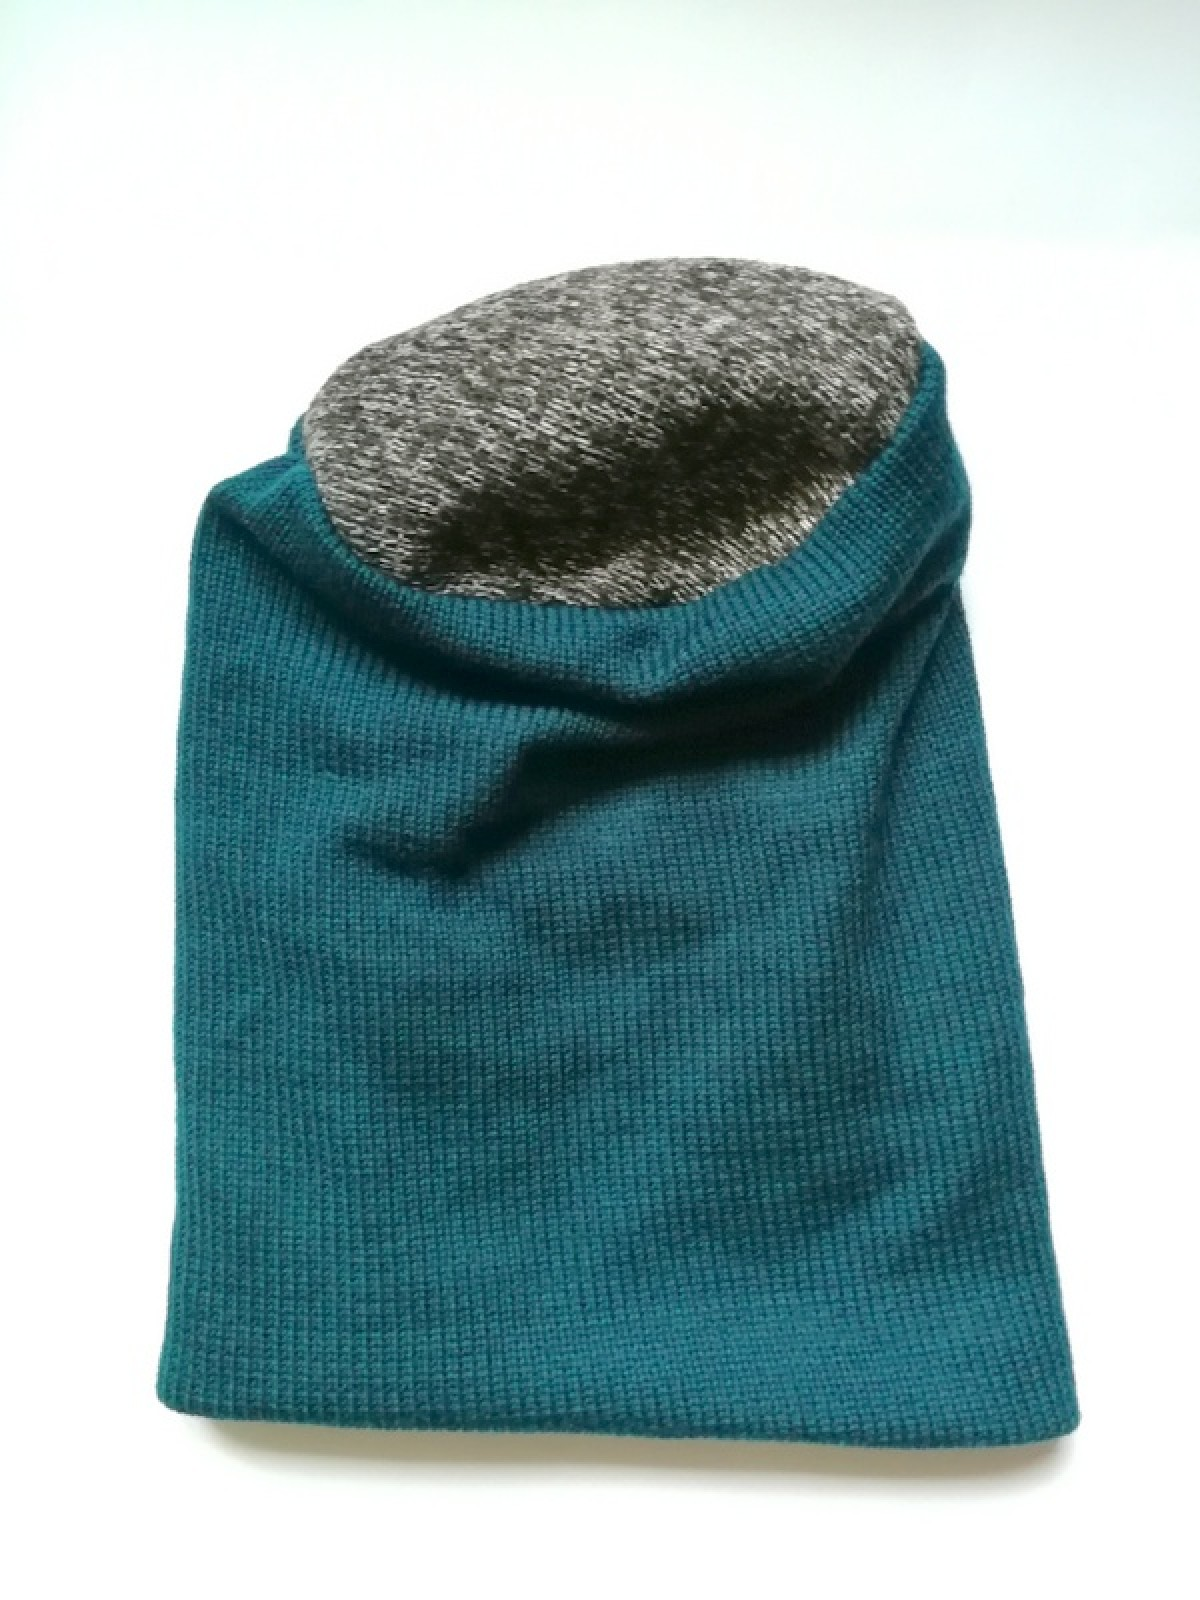 czapka damska męska unisex wełniana ciepła turkus